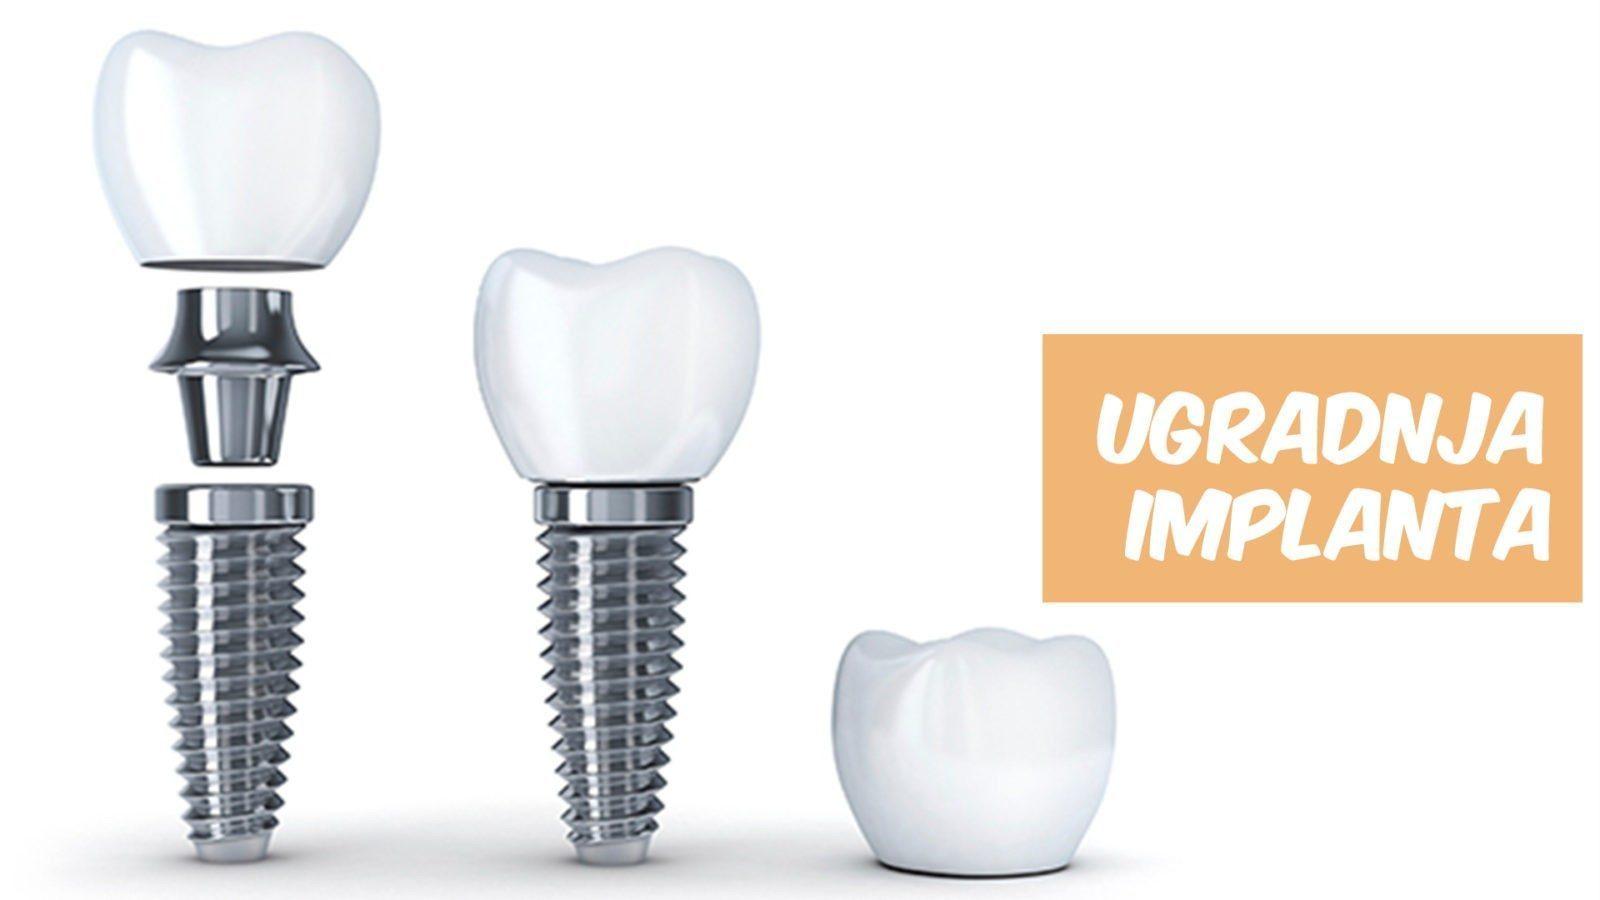 ugradnja implanta